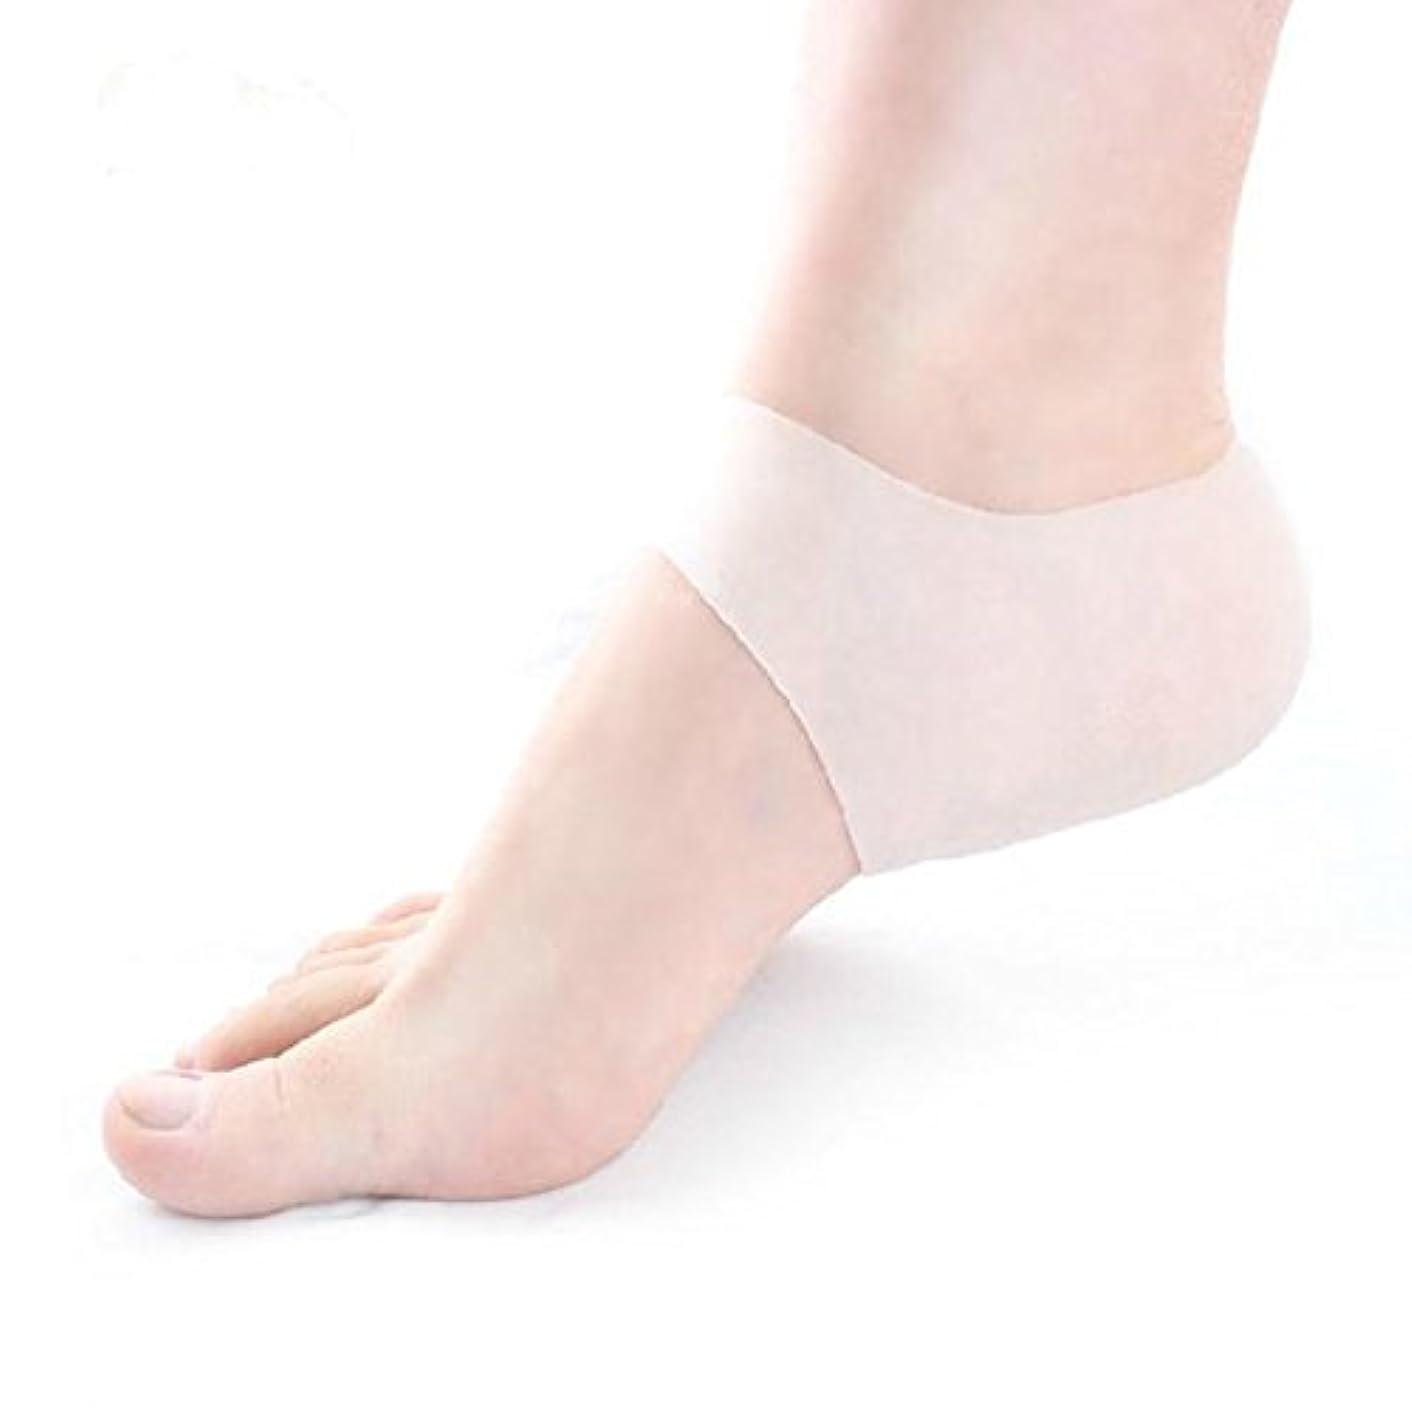 賃金テスピアンスリットACHICOO 保護クッション 皮膚 軟化 グレード シリコーンゲルヒールの袖 足根筋膜炎 痛み緩和 1つペア White